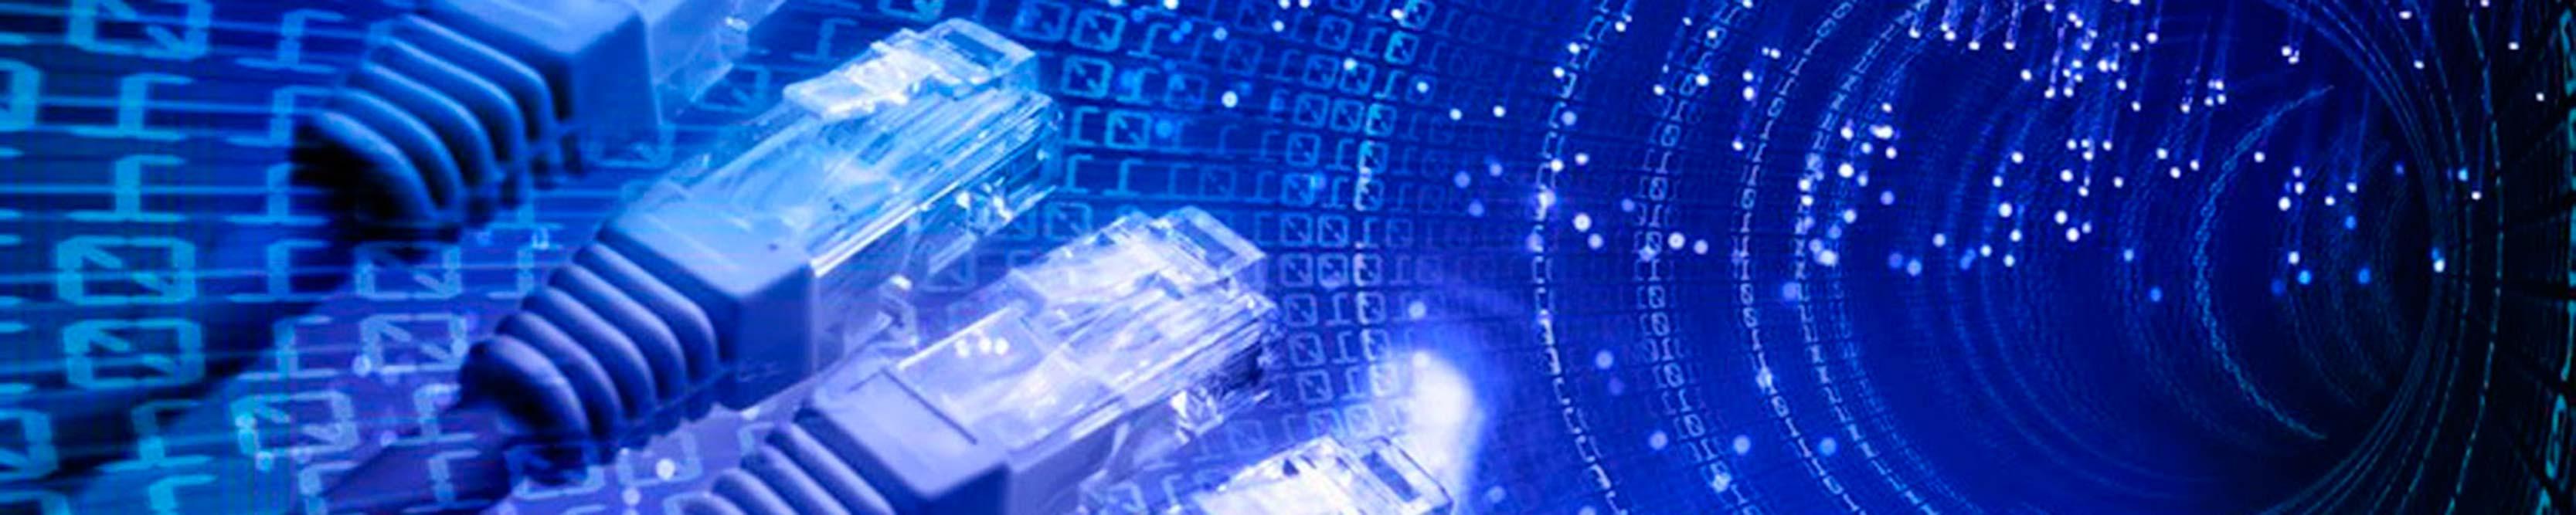 soltelecom-fibra-optica